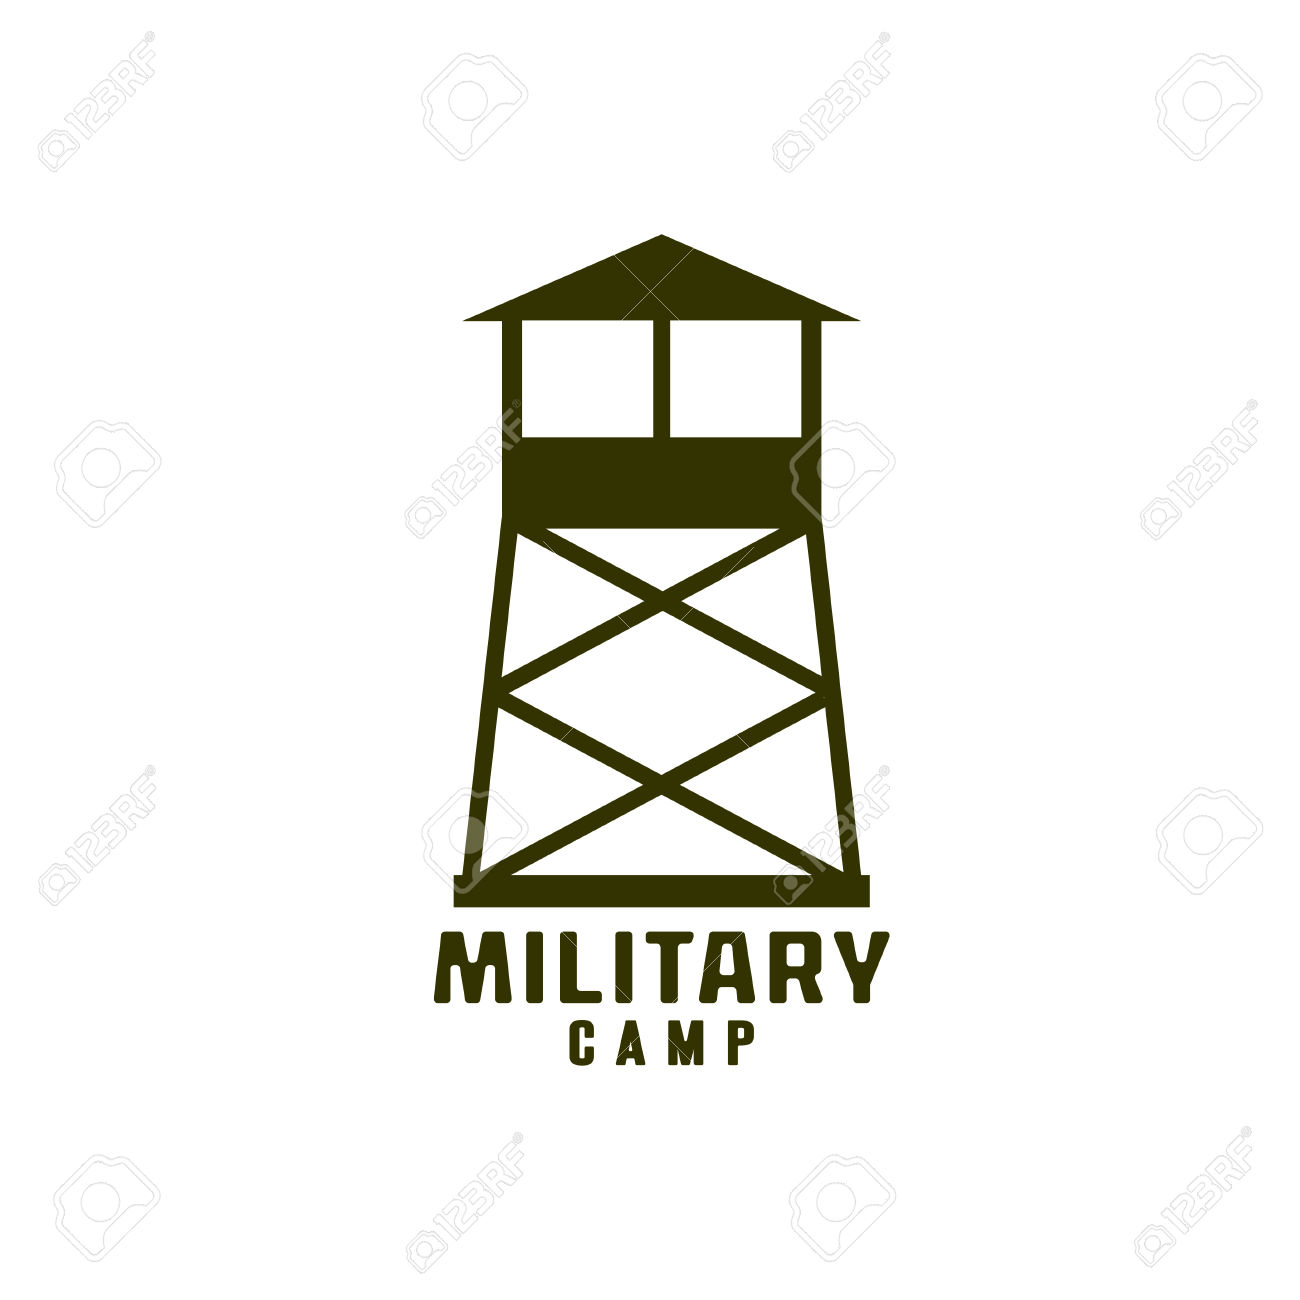 Atalaya Del Icono Del Campamento Militar Ilustraciones Vectoriales.